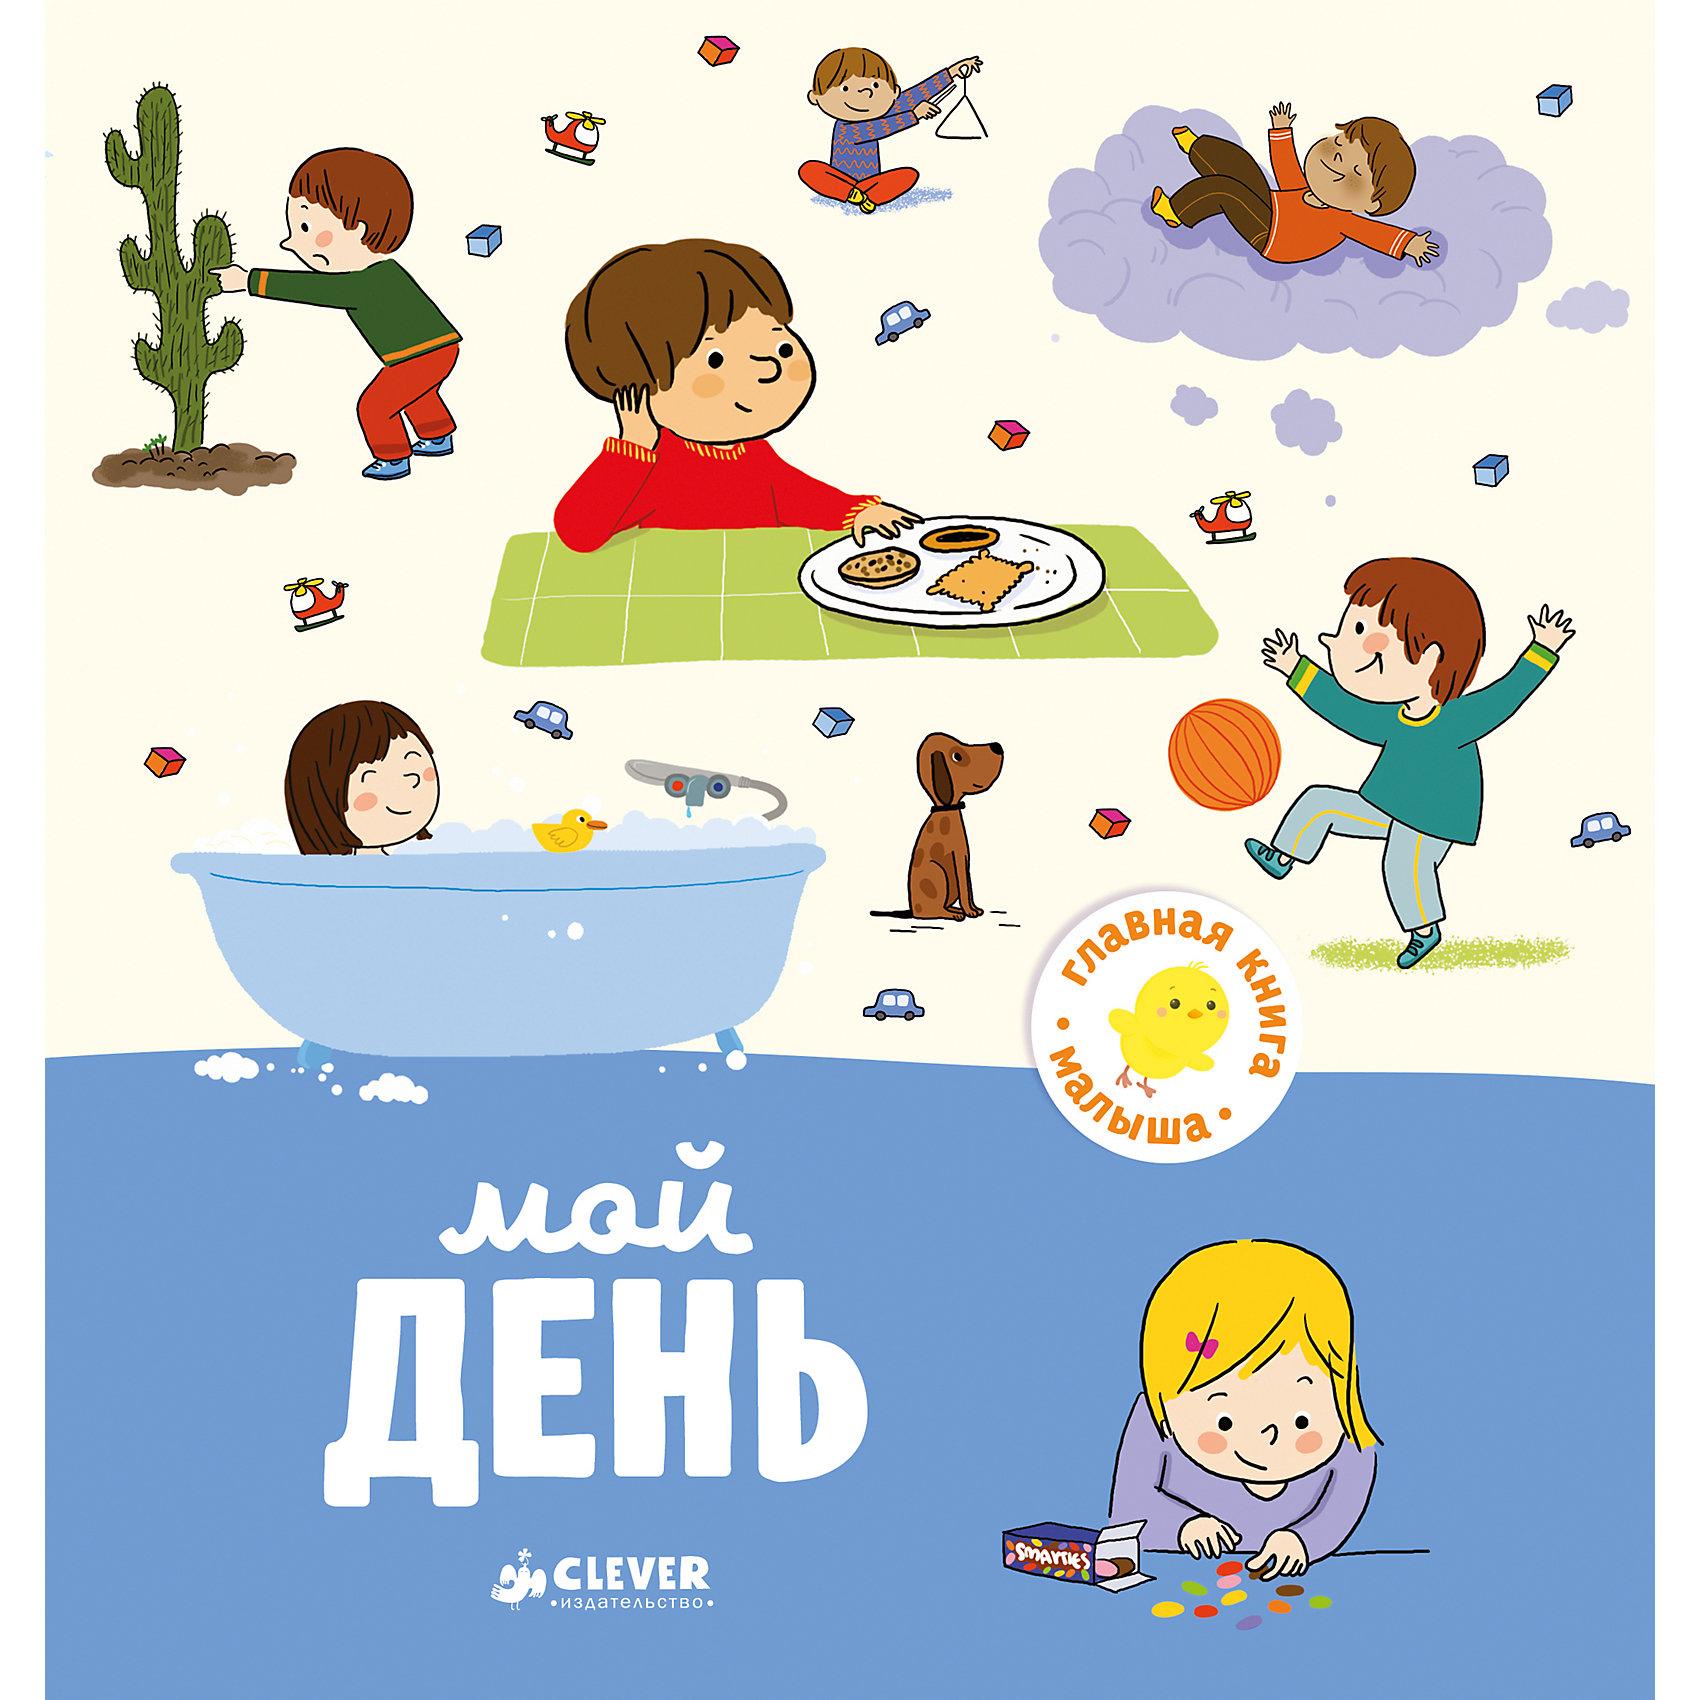 Мой день, А. Бессон, Главная книга малышаОкружающий мир<br>Серия Главная книга малыша прекрасно подойдет для самых маленьких ручек! Красочные иллюстрации с крупными элементами, простой текст, интересные задания - все для того, чтобы малыш учился с удовольствием. Рассматривайте вместе картинки, знакомьте ребенка с окружающим миром!<br><br>Ширина мм: 180<br>Глубина мм: 170<br>Высота мм: 8<br>Вес г: 200<br>Возраст от месяцев: 12<br>Возраст до месяцев: 36<br>Пол: Унисекс<br>Возраст: Детский<br>SKU: 7039971